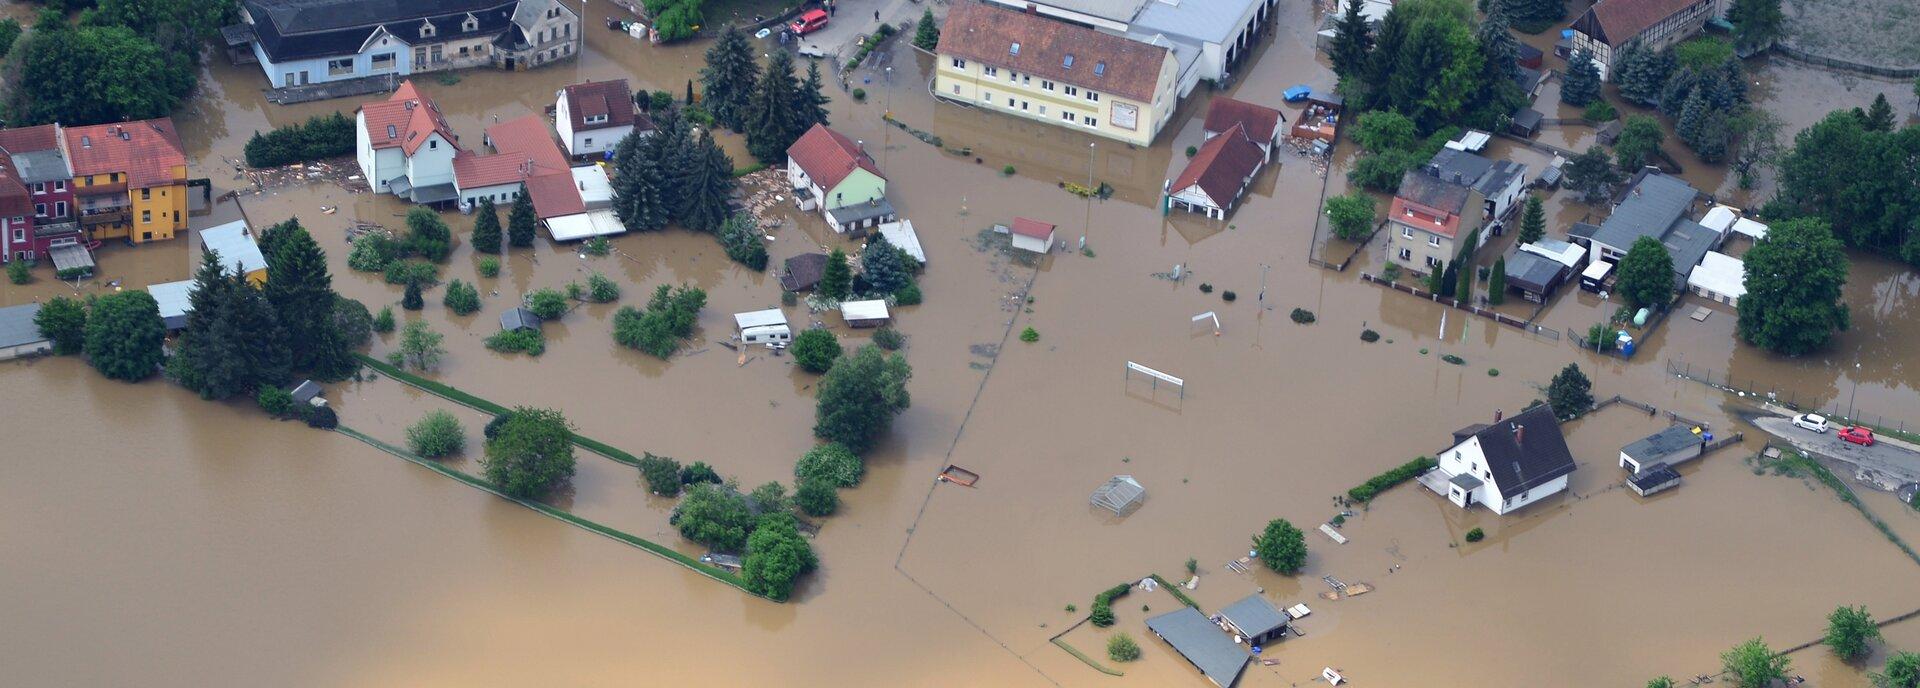 Kolorowe zdjęcie niewielkiej miejscowości zrobione zgóry. Cały obszar zalany jest wodą. Zwody, która jest wkolorze brązowym, wystają pojedyncze domy jednorodzinne, budynki, drzewa isamochody.